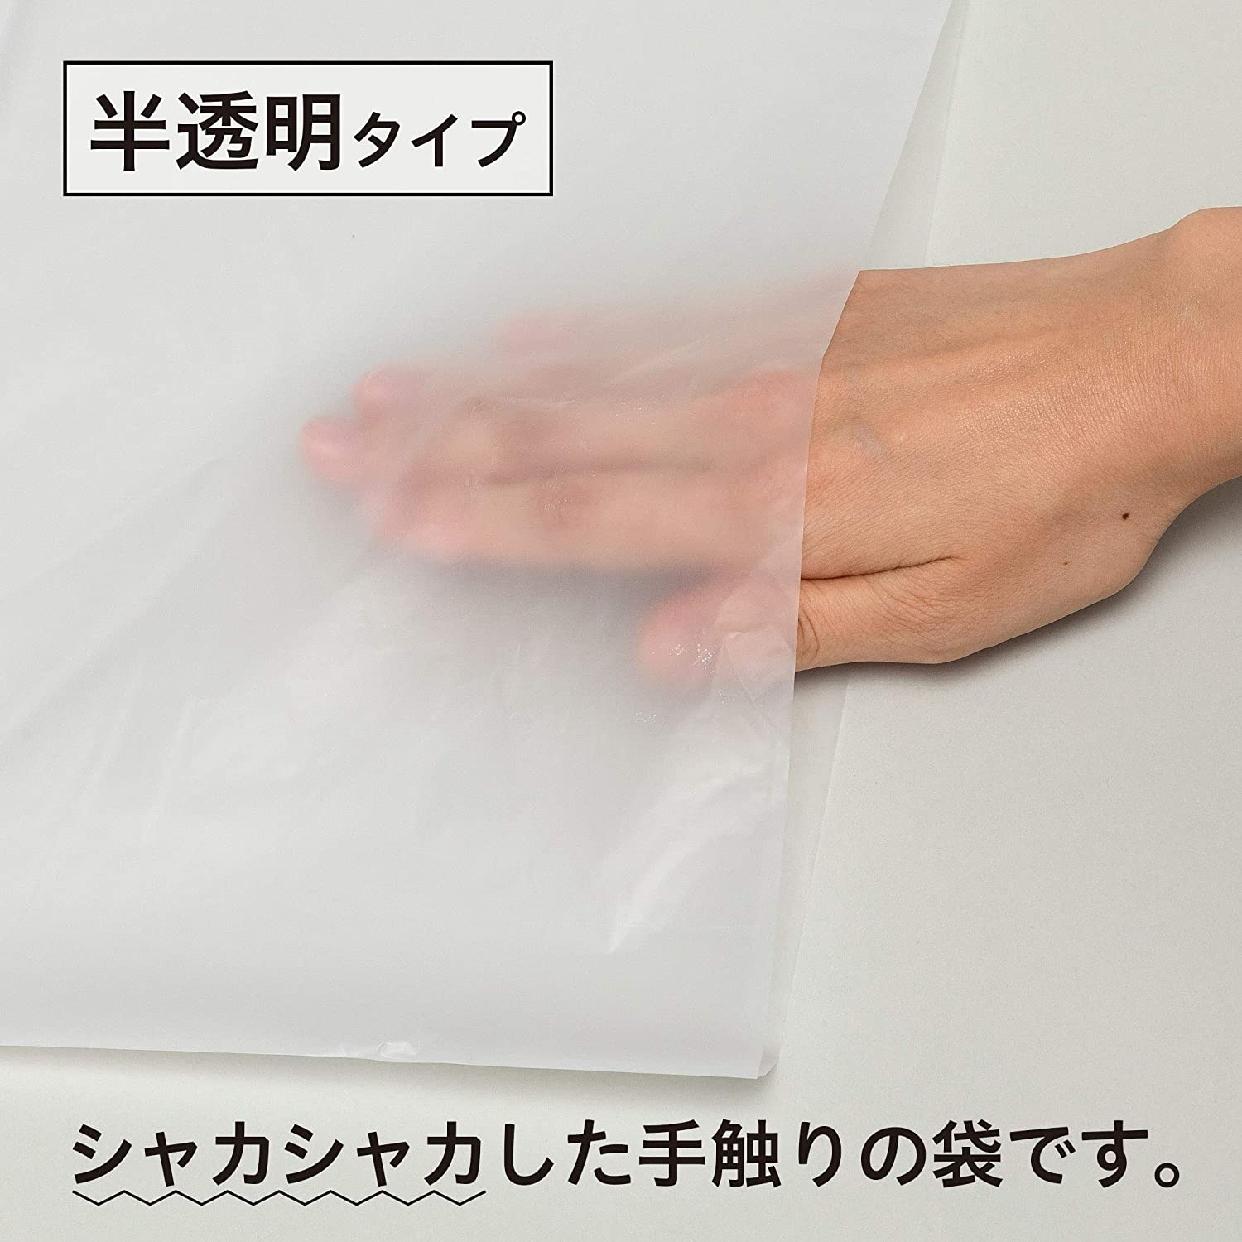 CHEMICAL JAPAN(ケミカルジャパン) 丈夫なポリ袋 HD-120の商品画像3